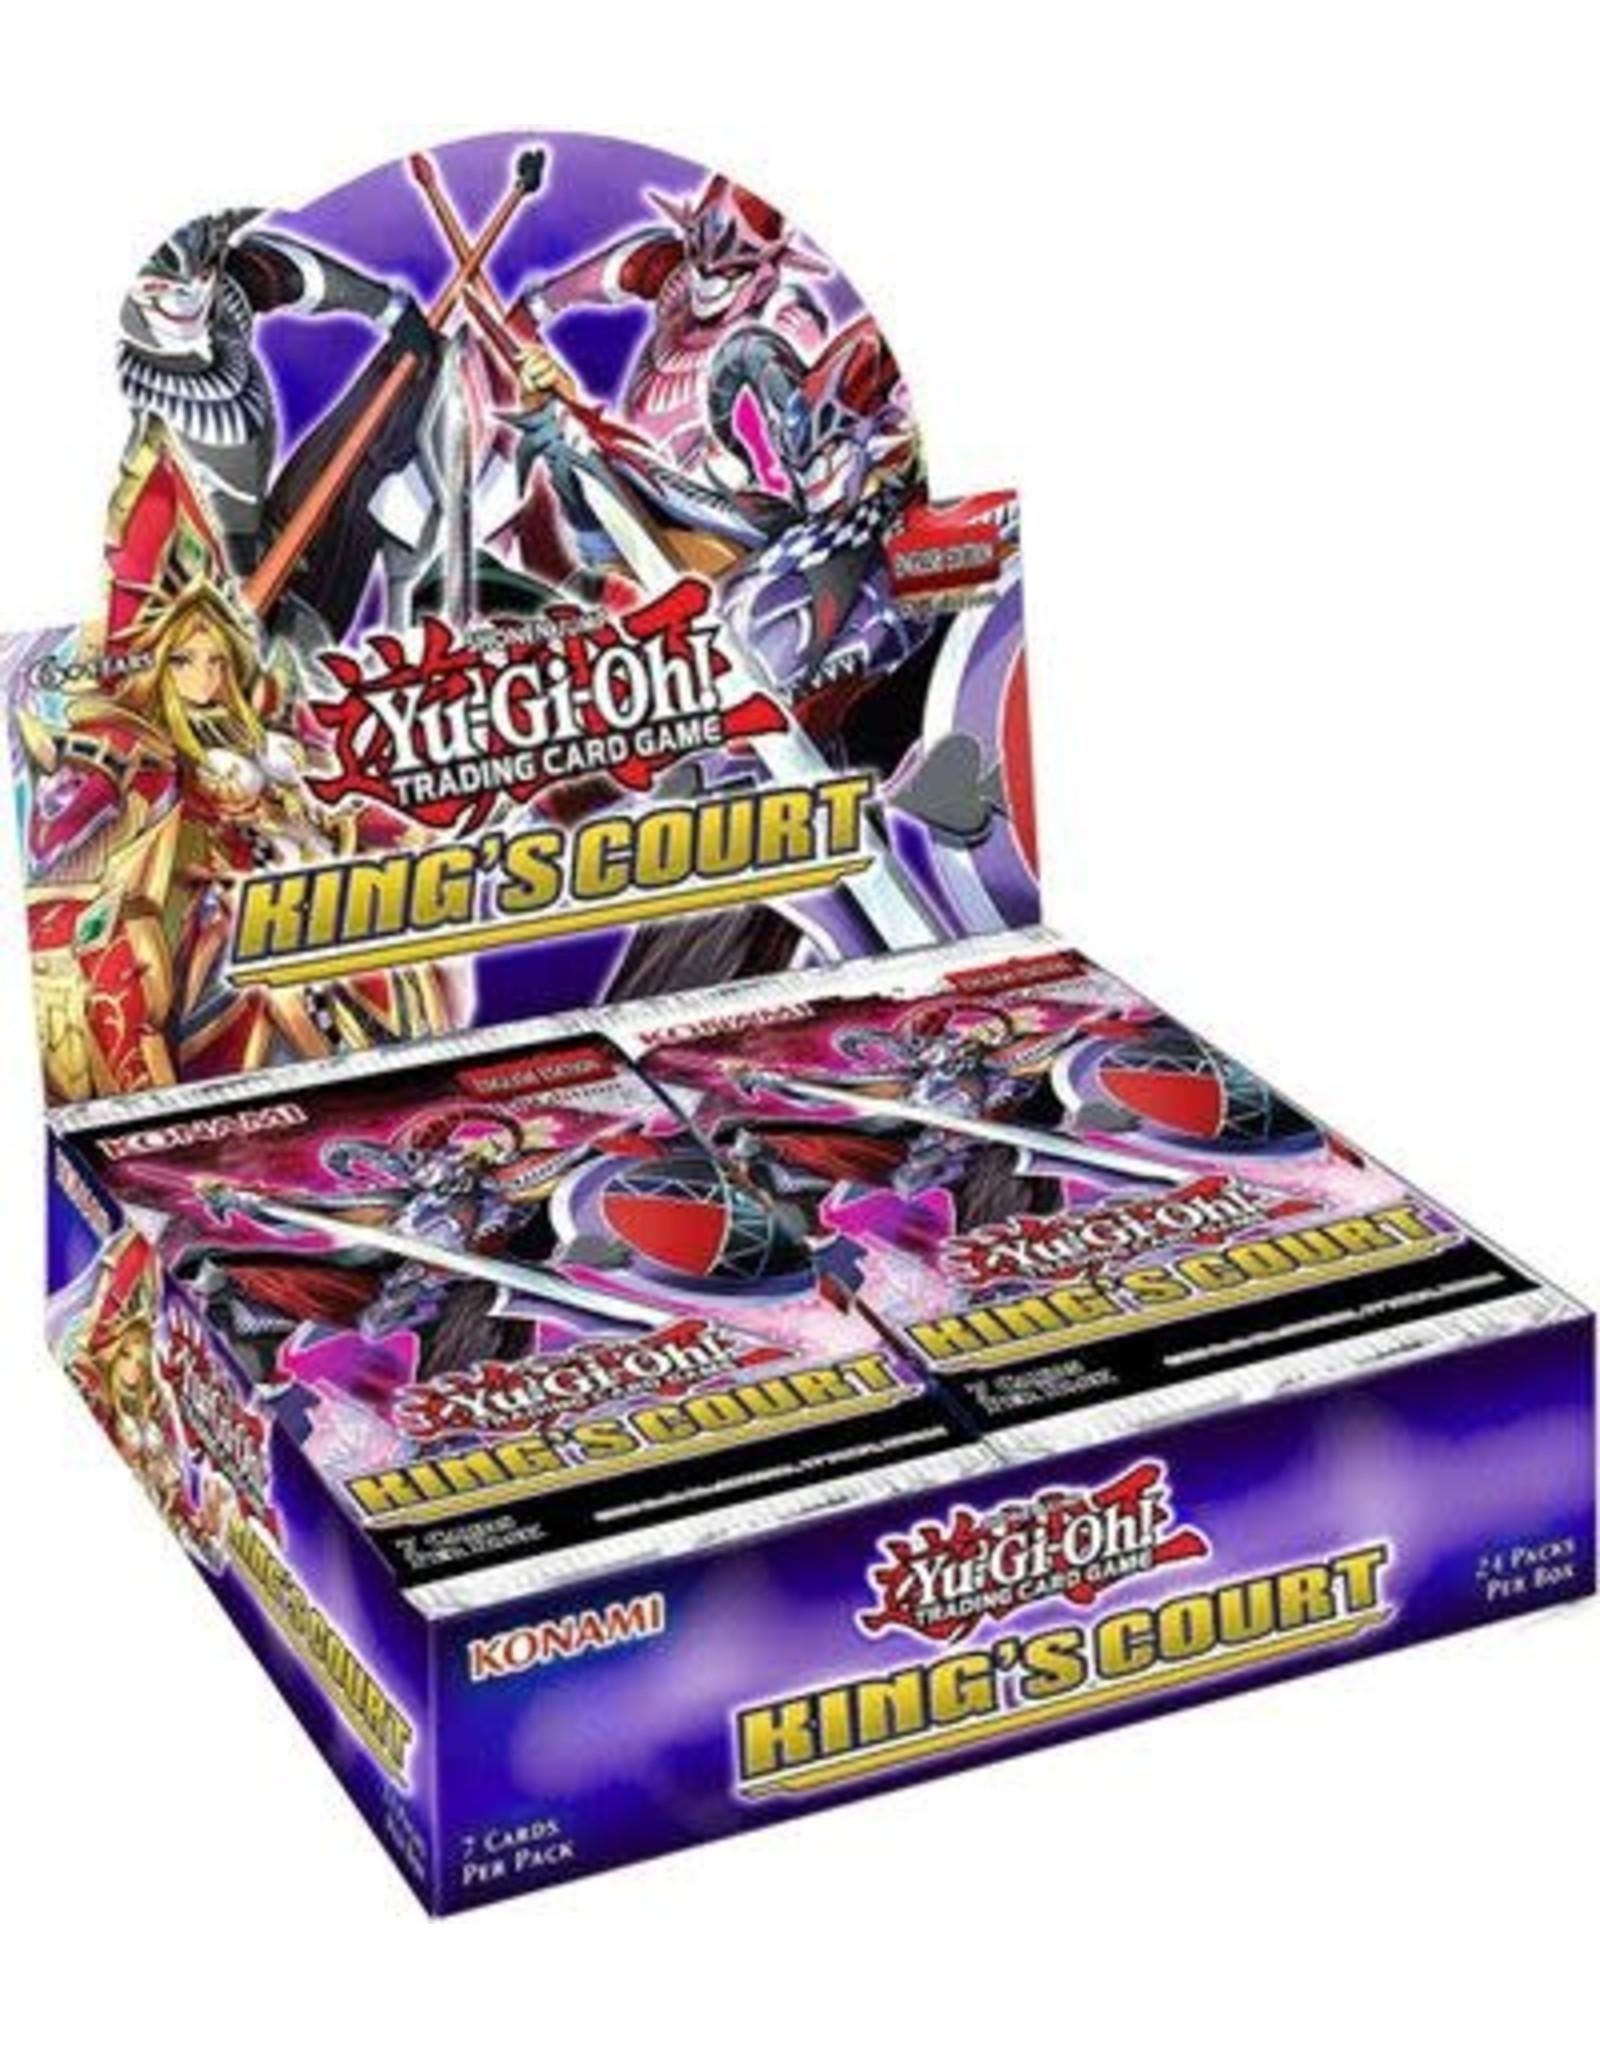 Konami King's Court Booster Box